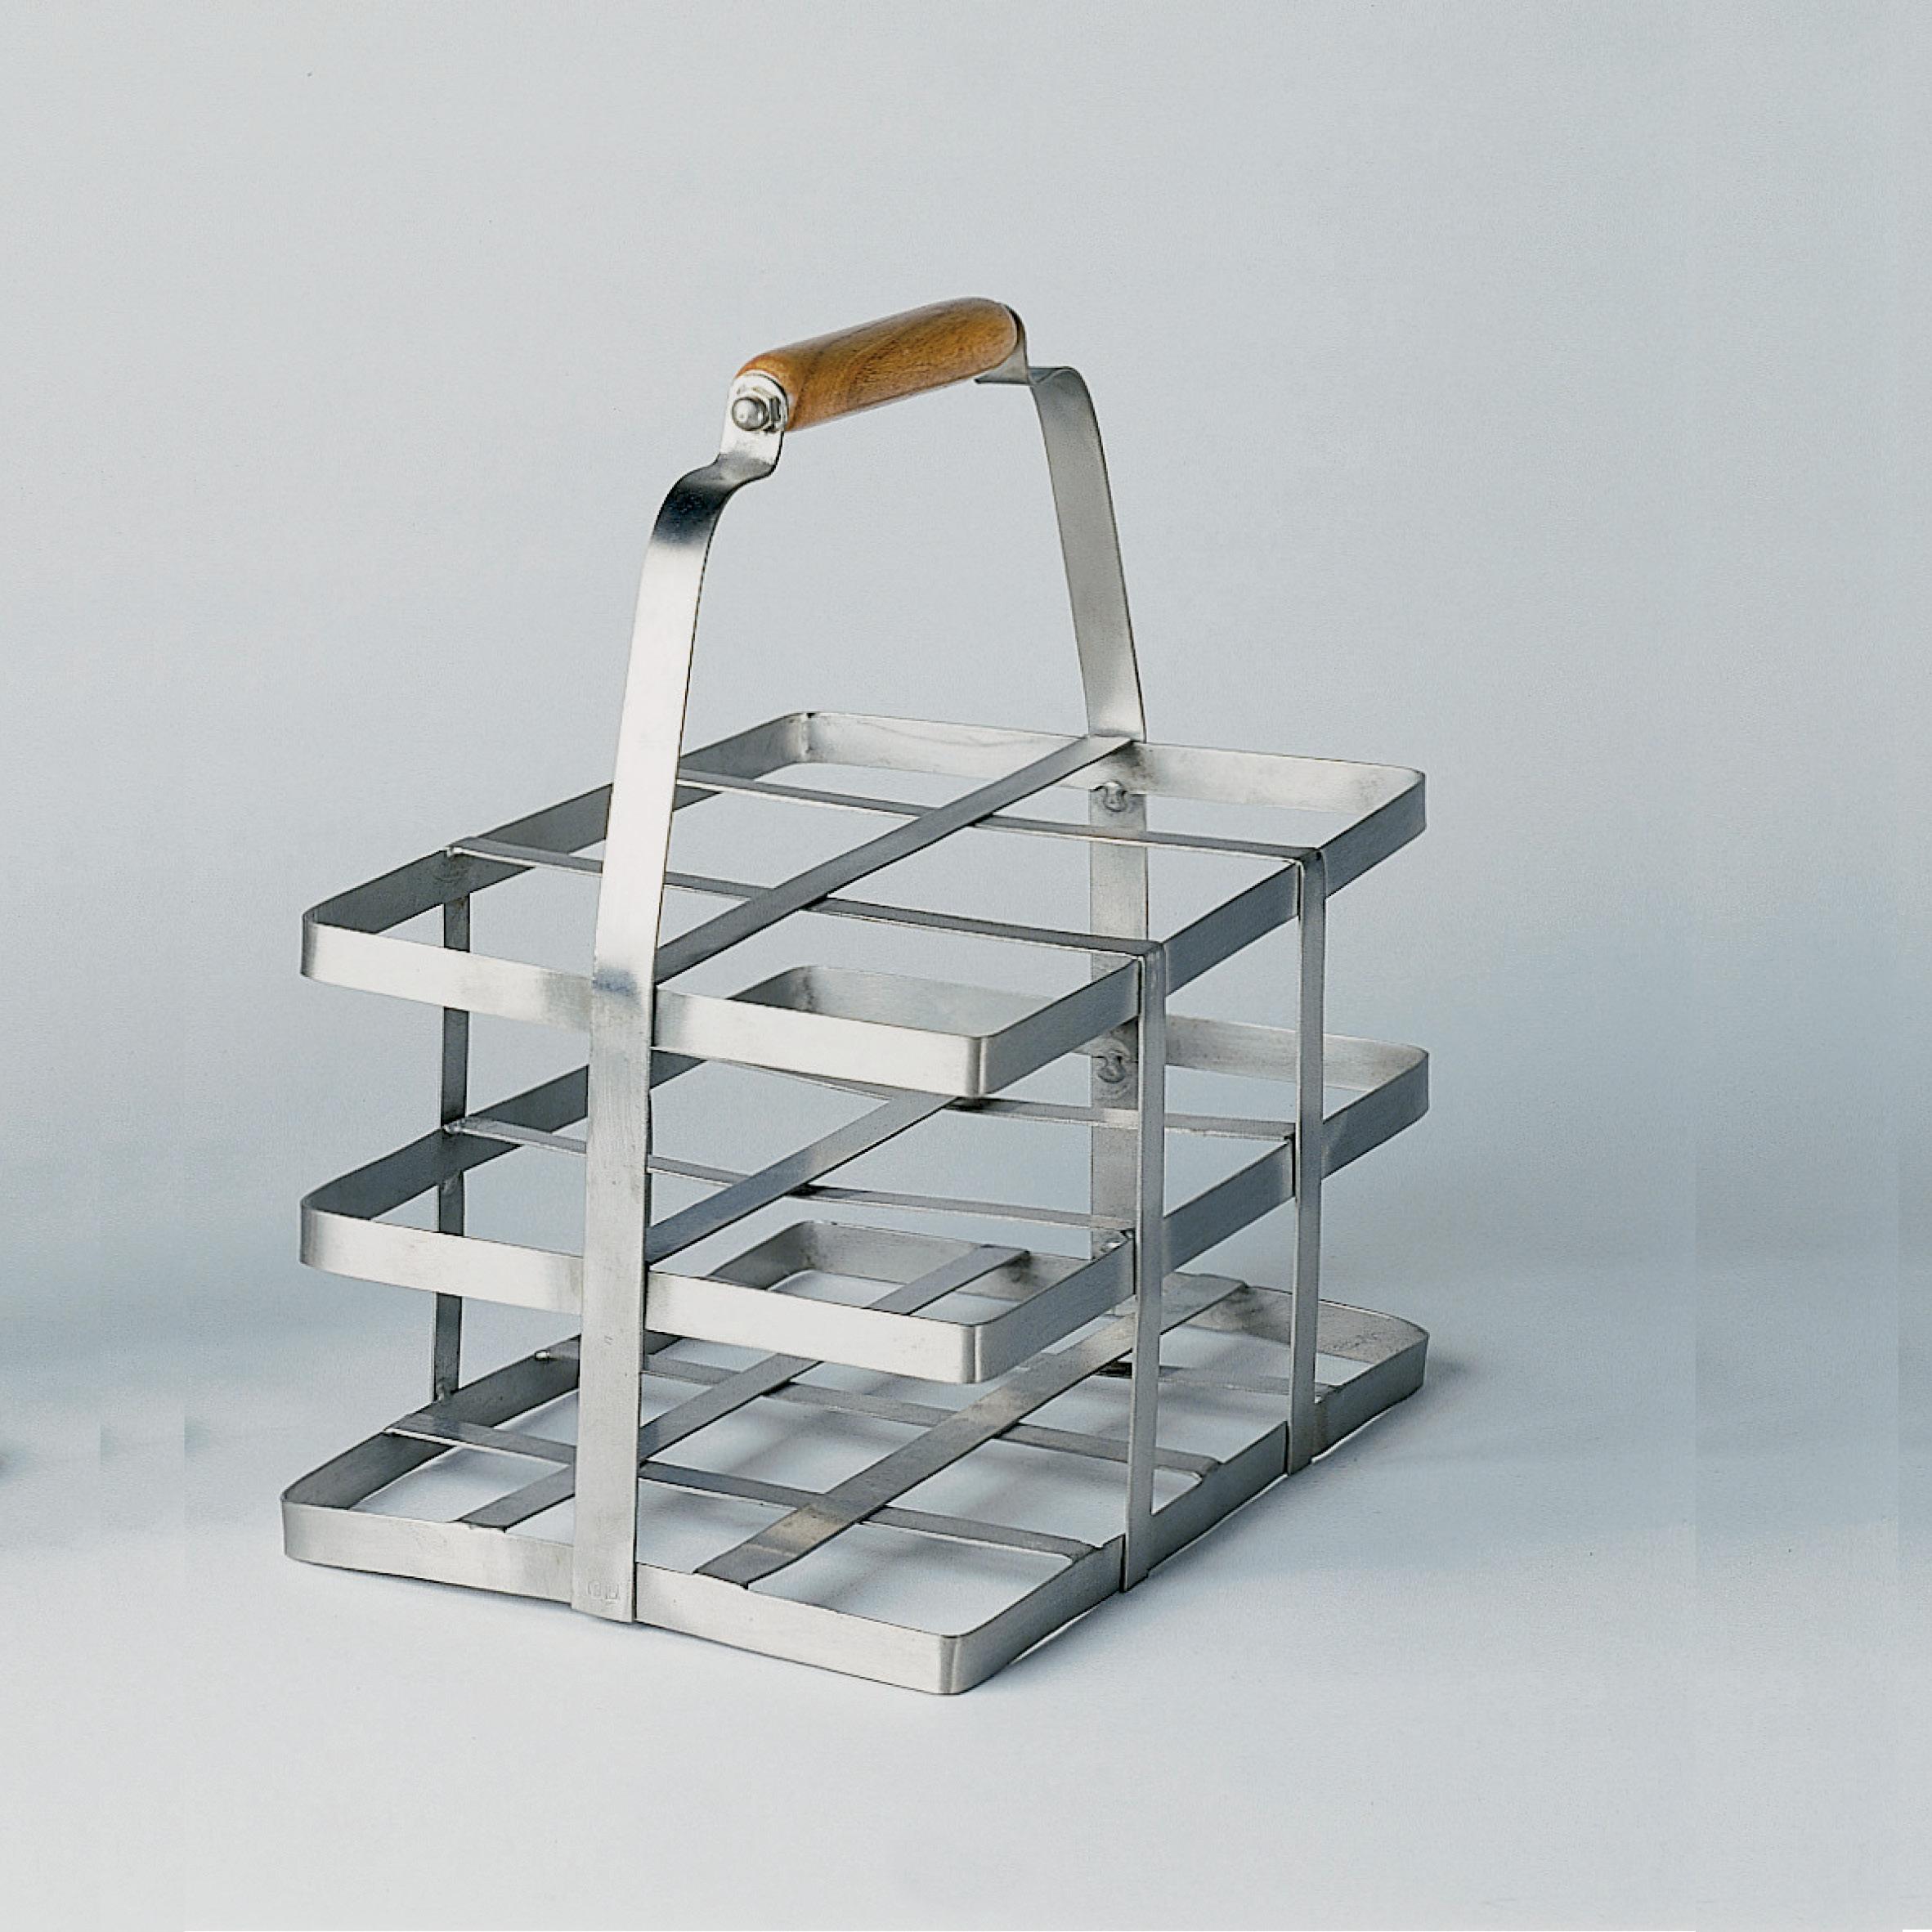 lambert pisa flaschenkorb f r 6 flschen lambert querpass shop. Black Bedroom Furniture Sets. Home Design Ideas